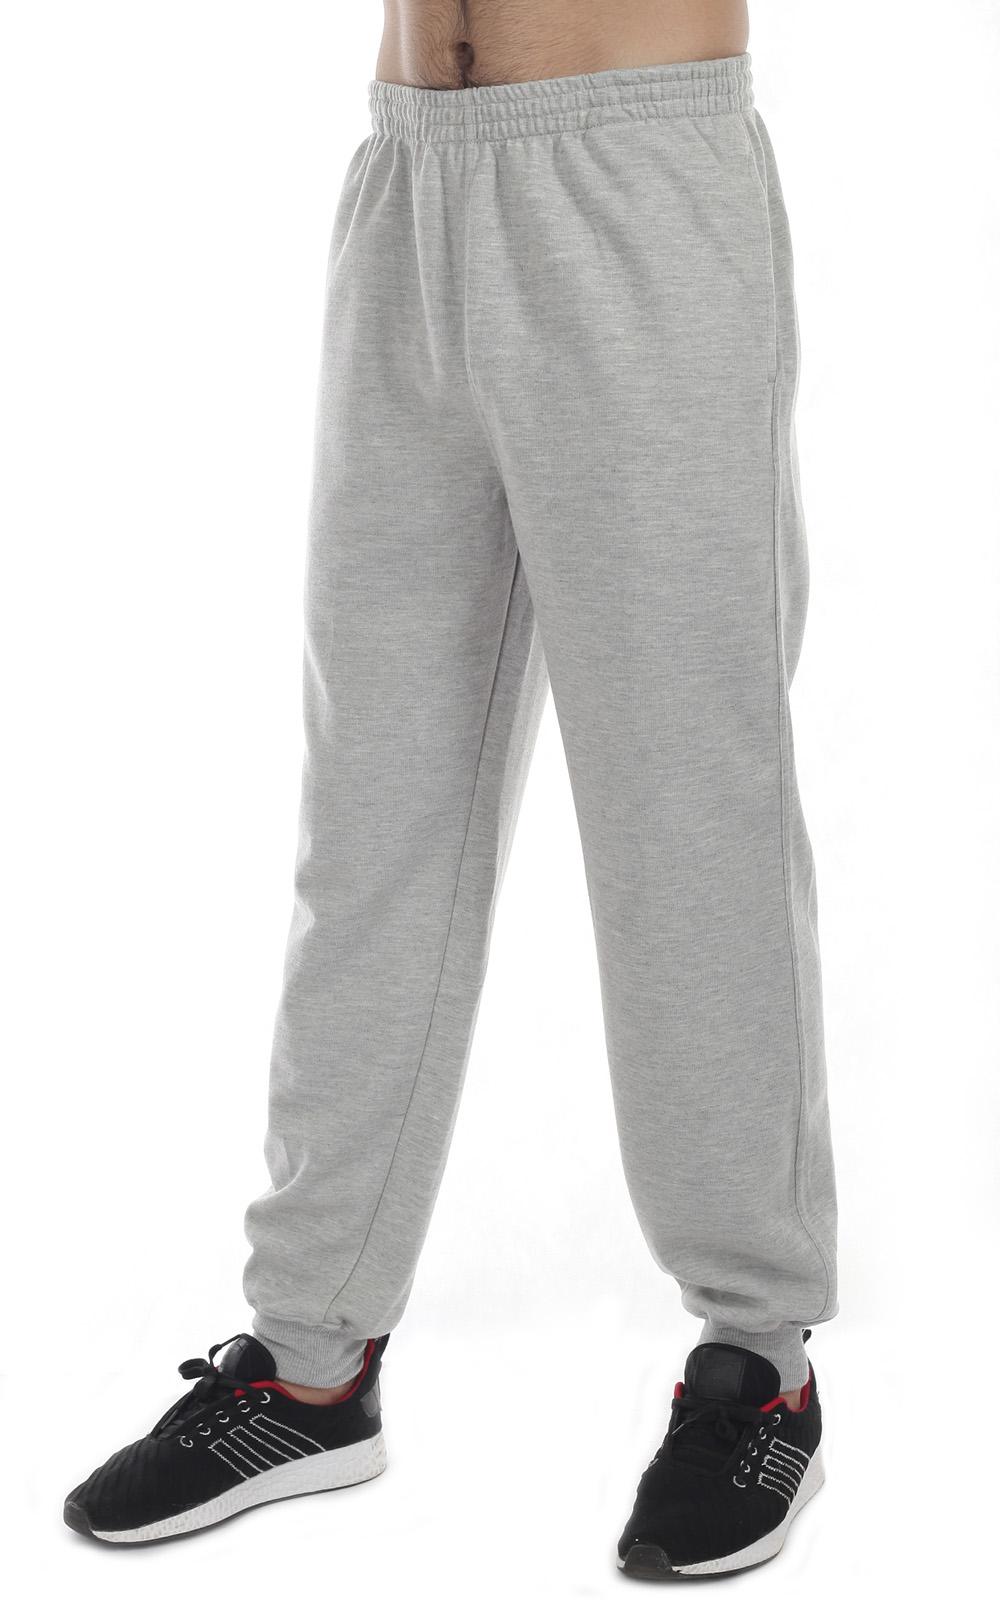 Купить в интернет магазине мужские спортивные штаны с манжетами